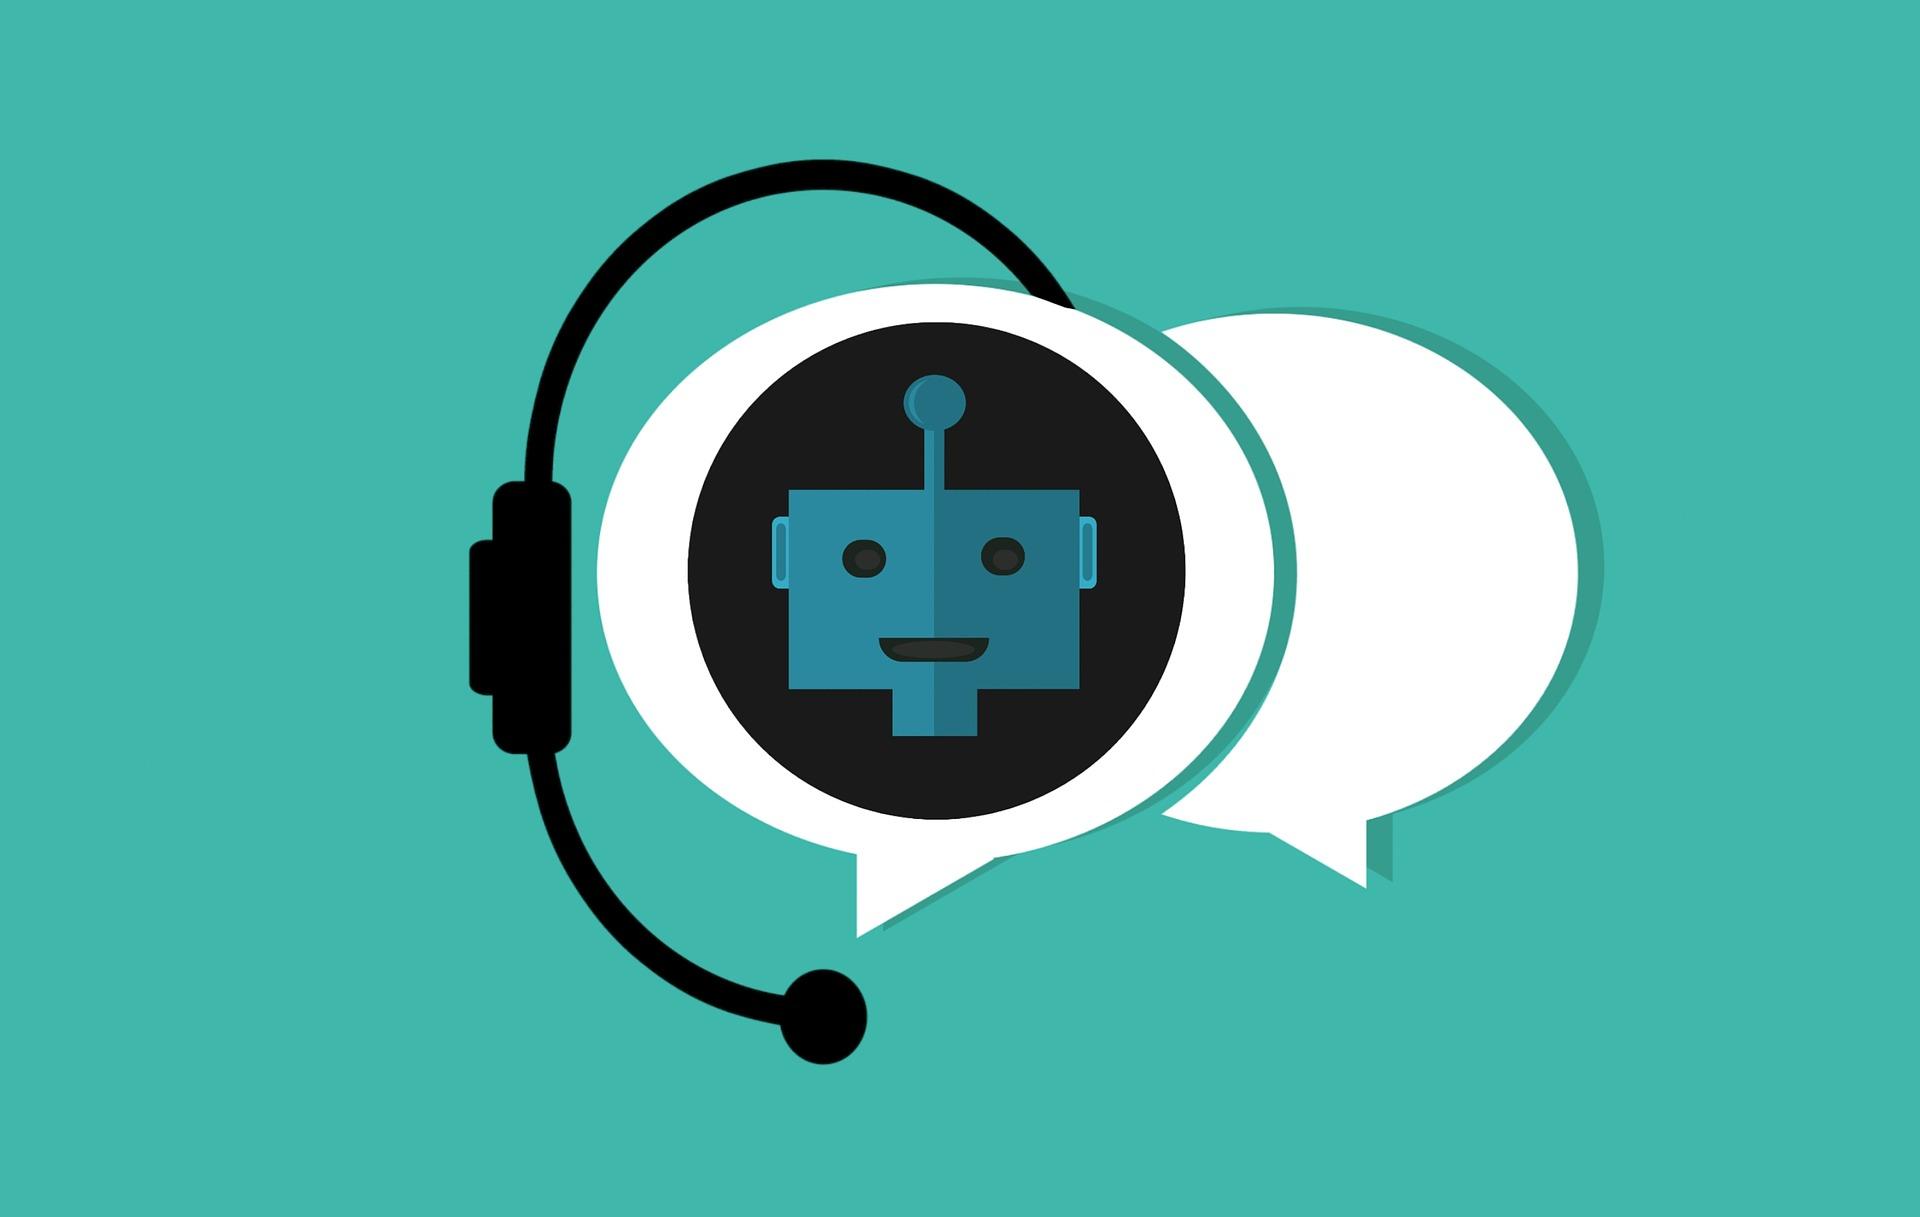 Mostrar el icono de los chatbots para apoyar el contenido del artículo